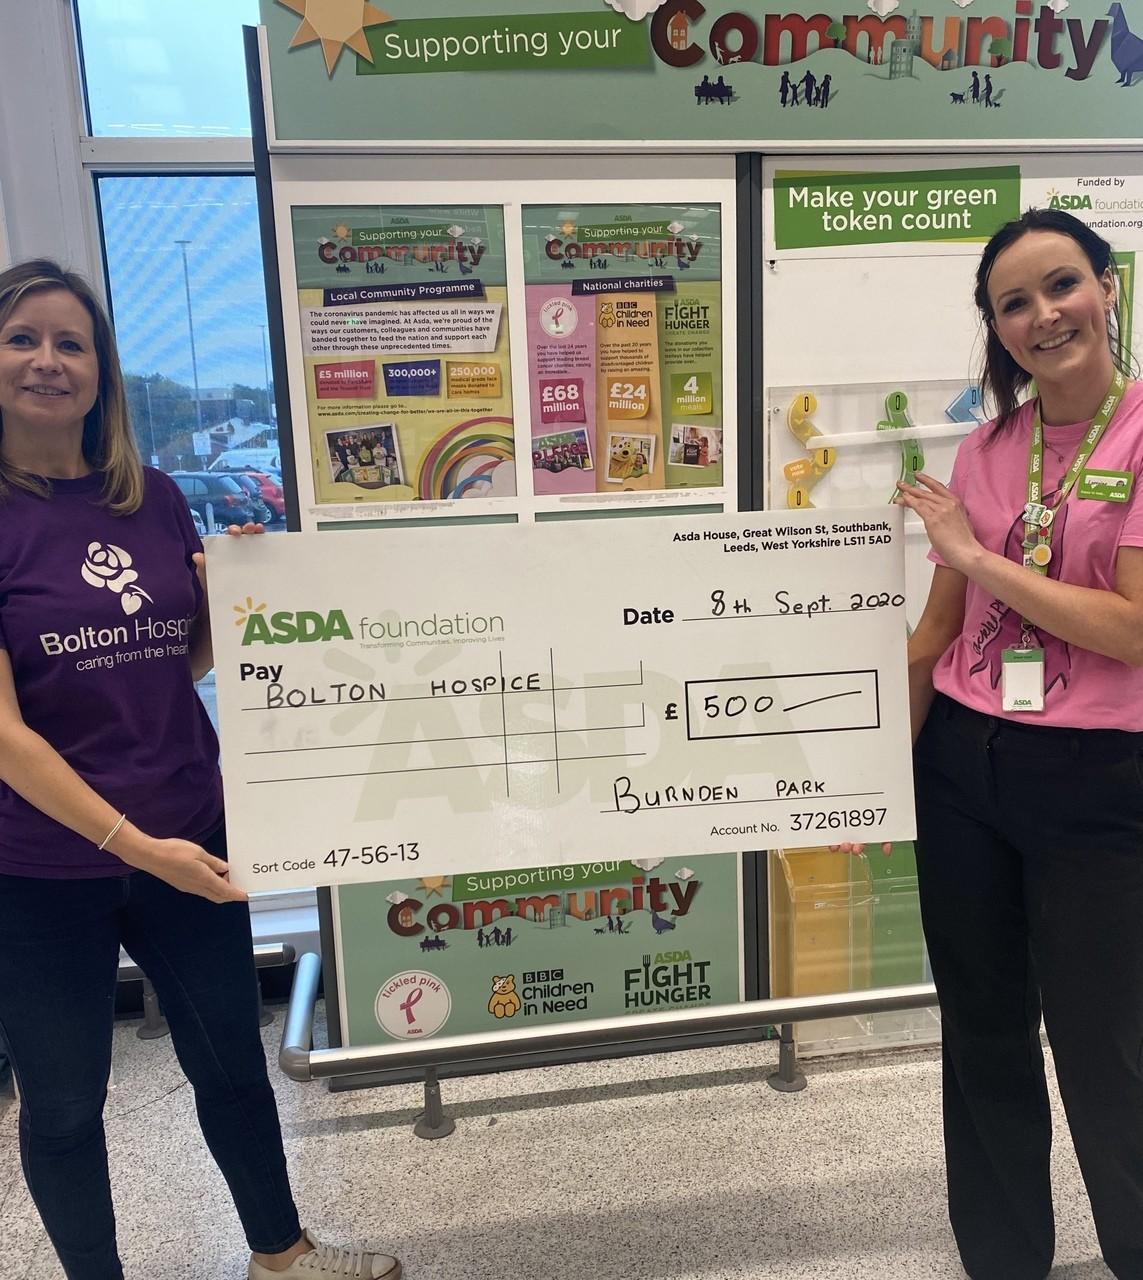 Hygiene grant for Hospice | Asda Burnden Park